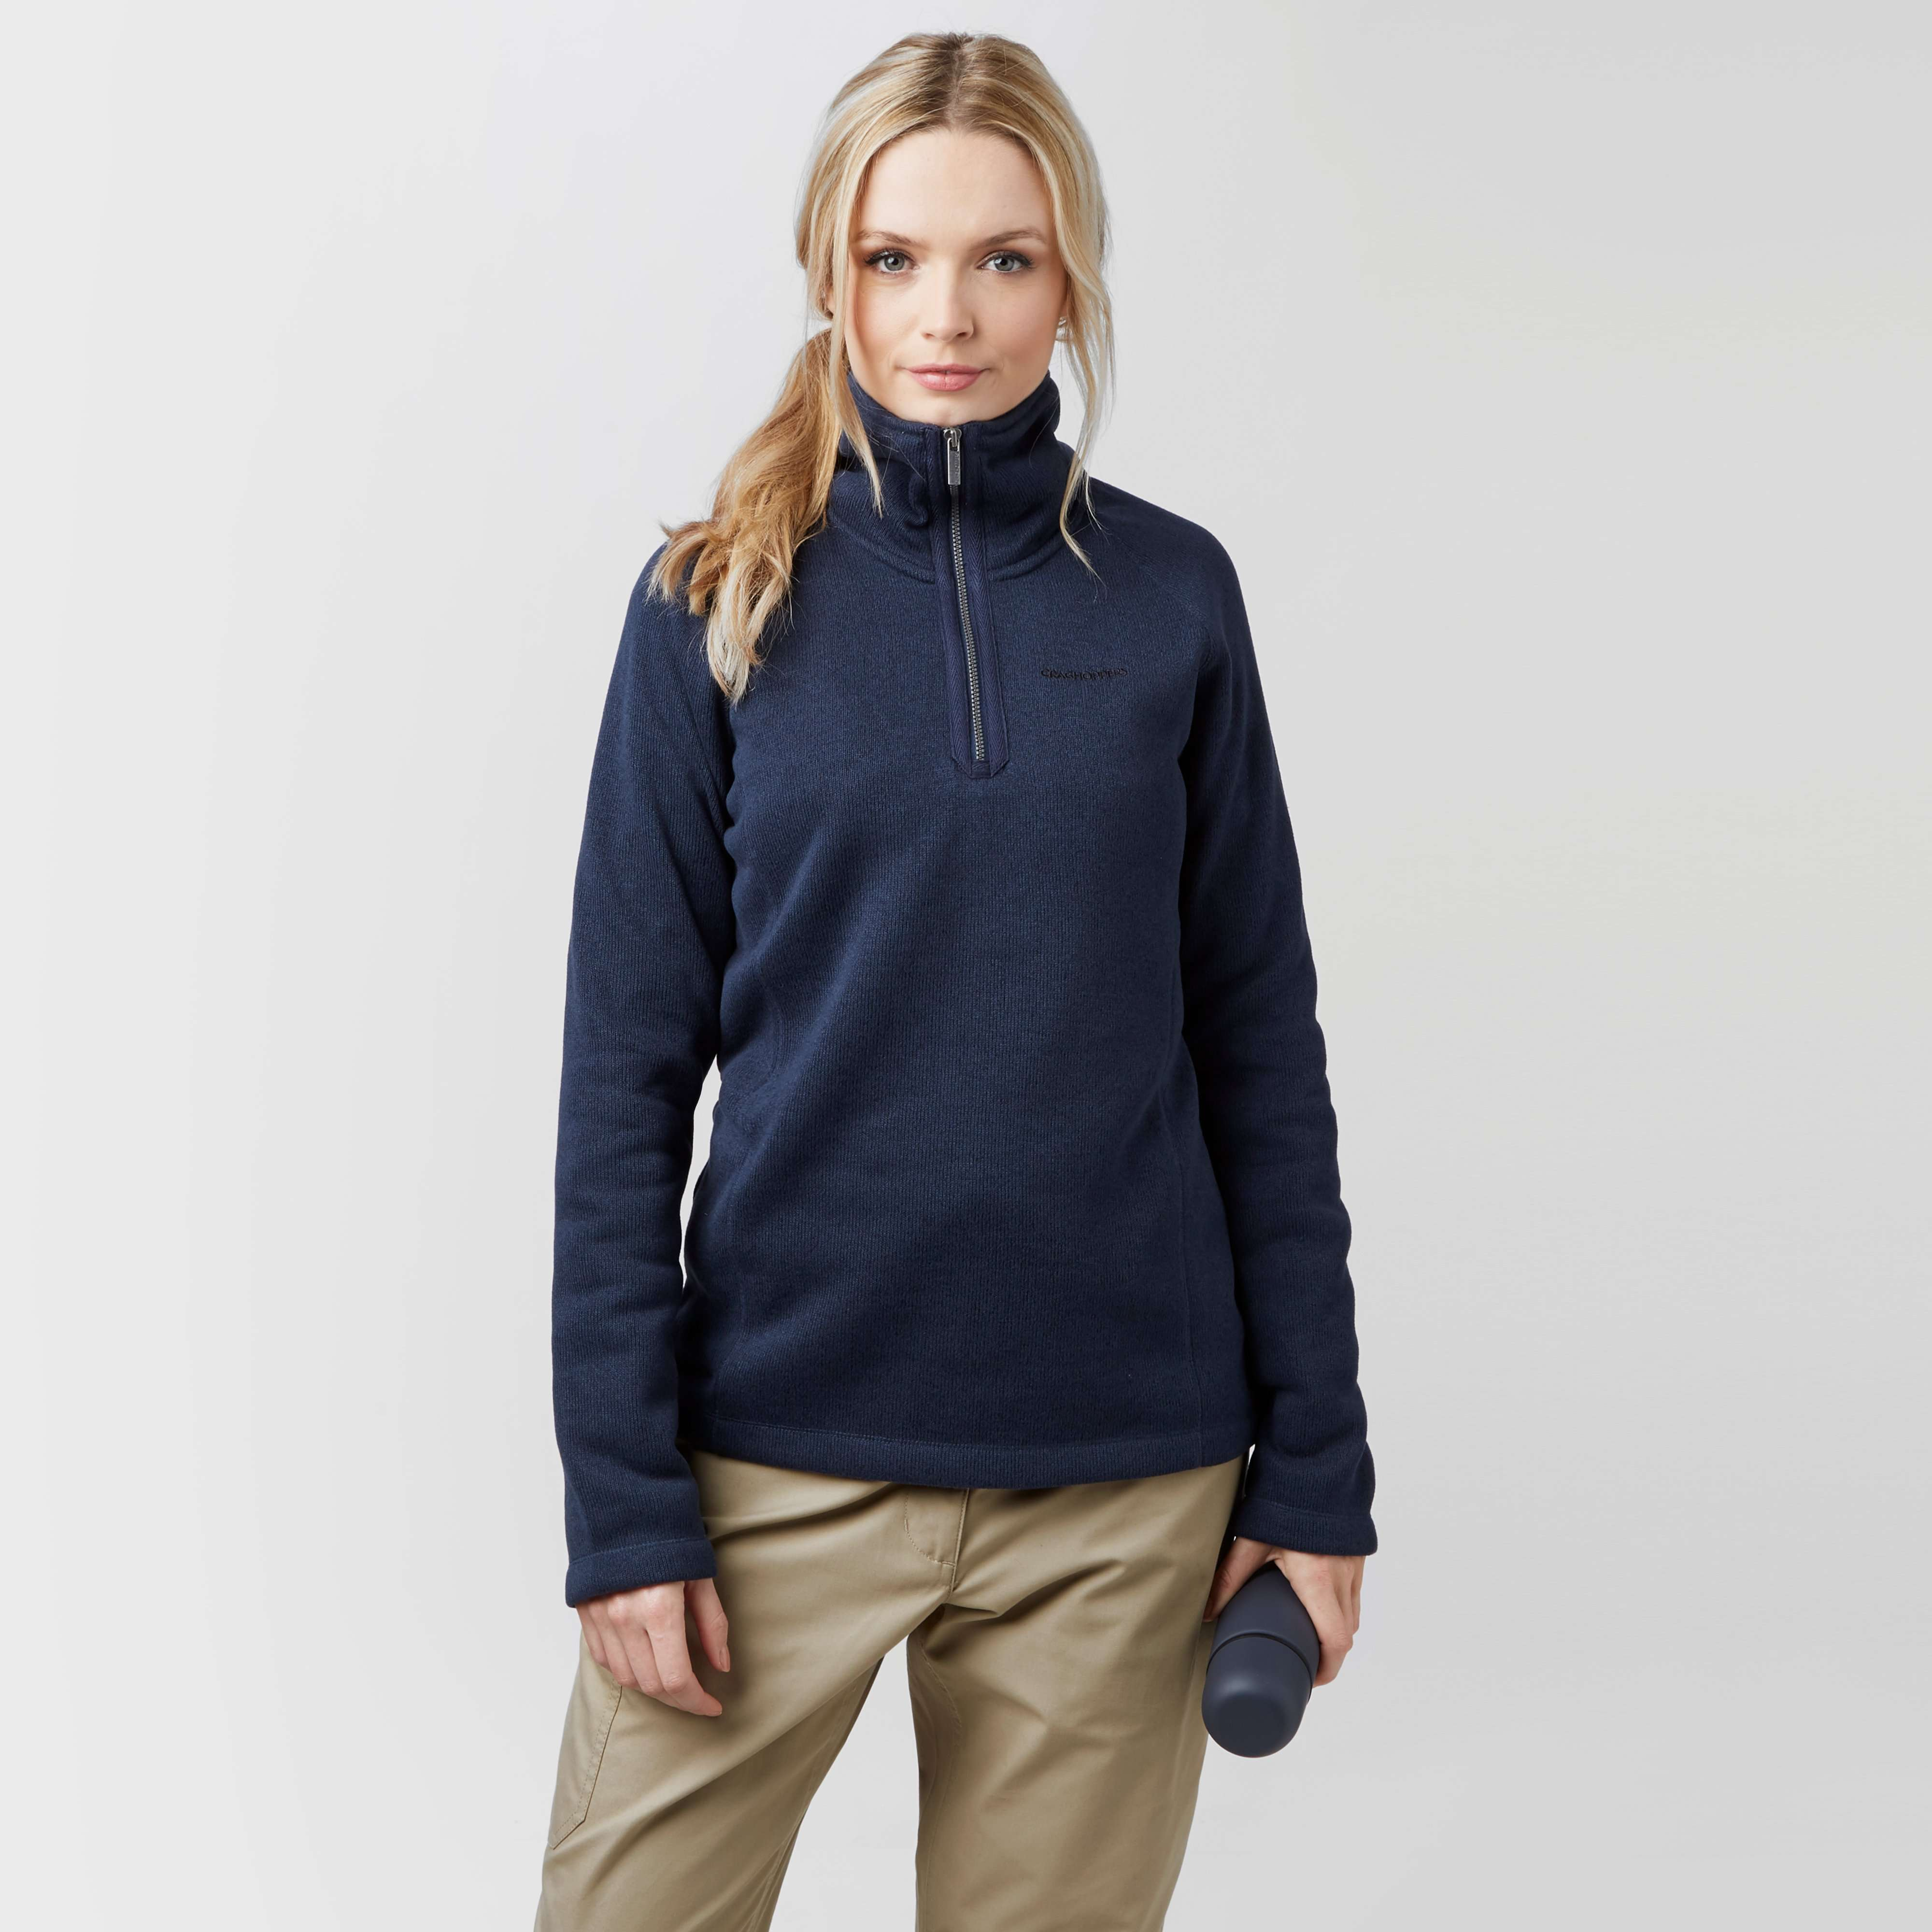 CRAGHOPPERS Women's Keris Half-Zip Fleece